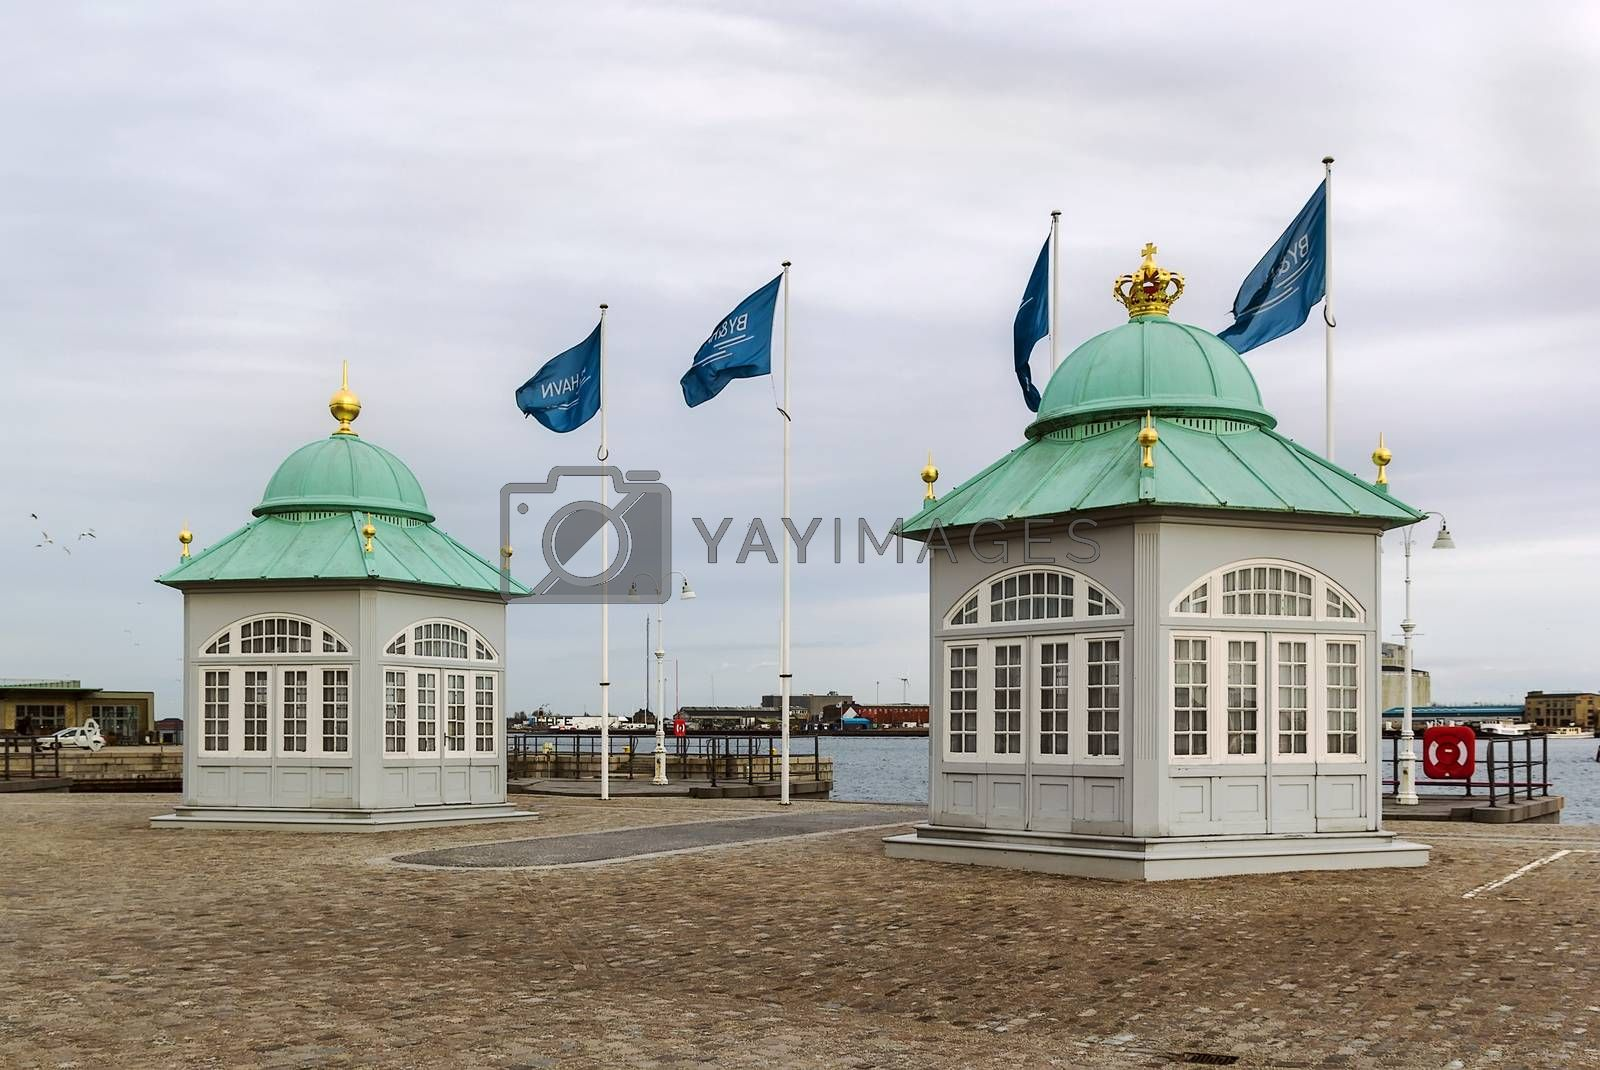 Royal Pavilions, Copenhagen by borisb17